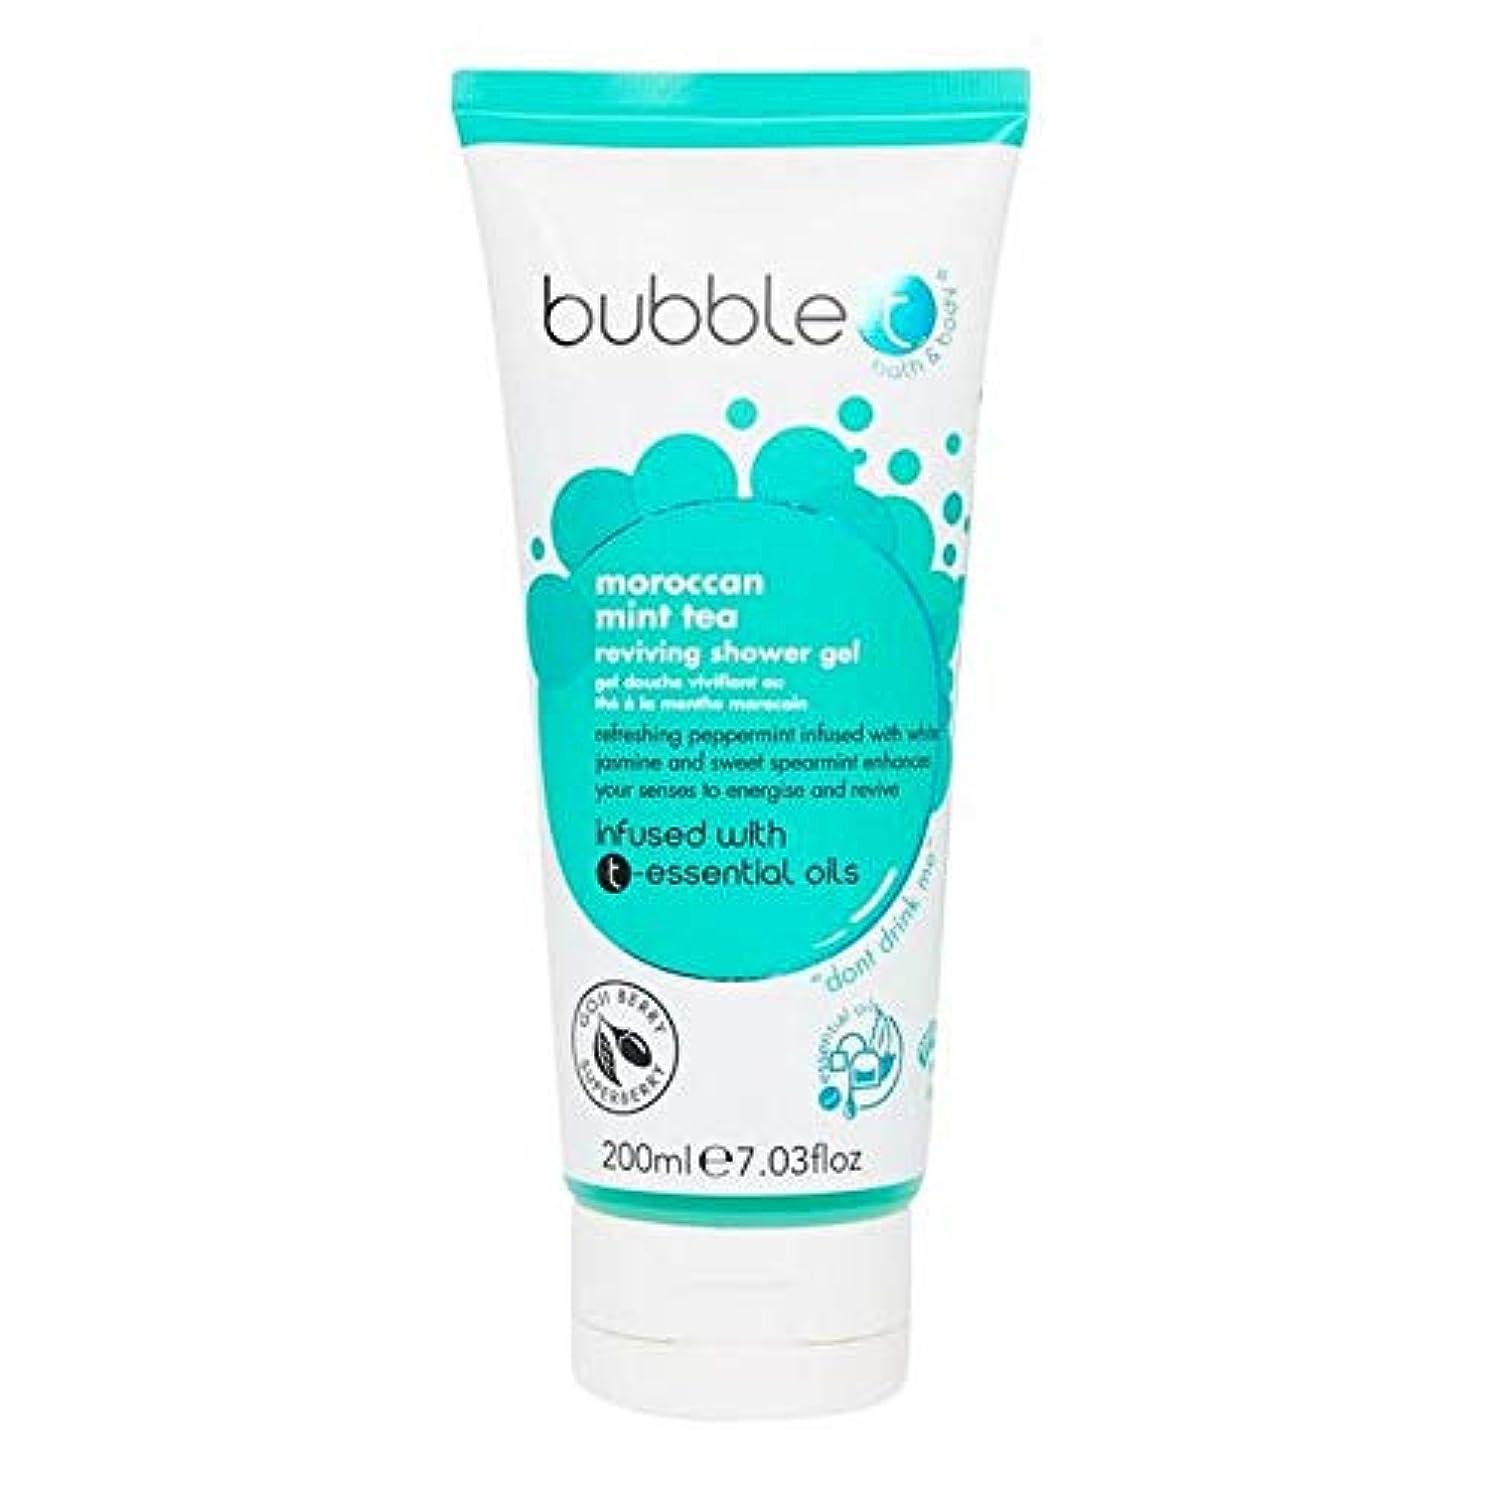 日没バンケット普通の[Bubble T ] バブルトン化粧品シャワージェル、モロッコのミントティーを200ミリリットル - Bubble T Cosmetics Shower Gel, Moroccan Mint Tea 200ml [並行輸入品]